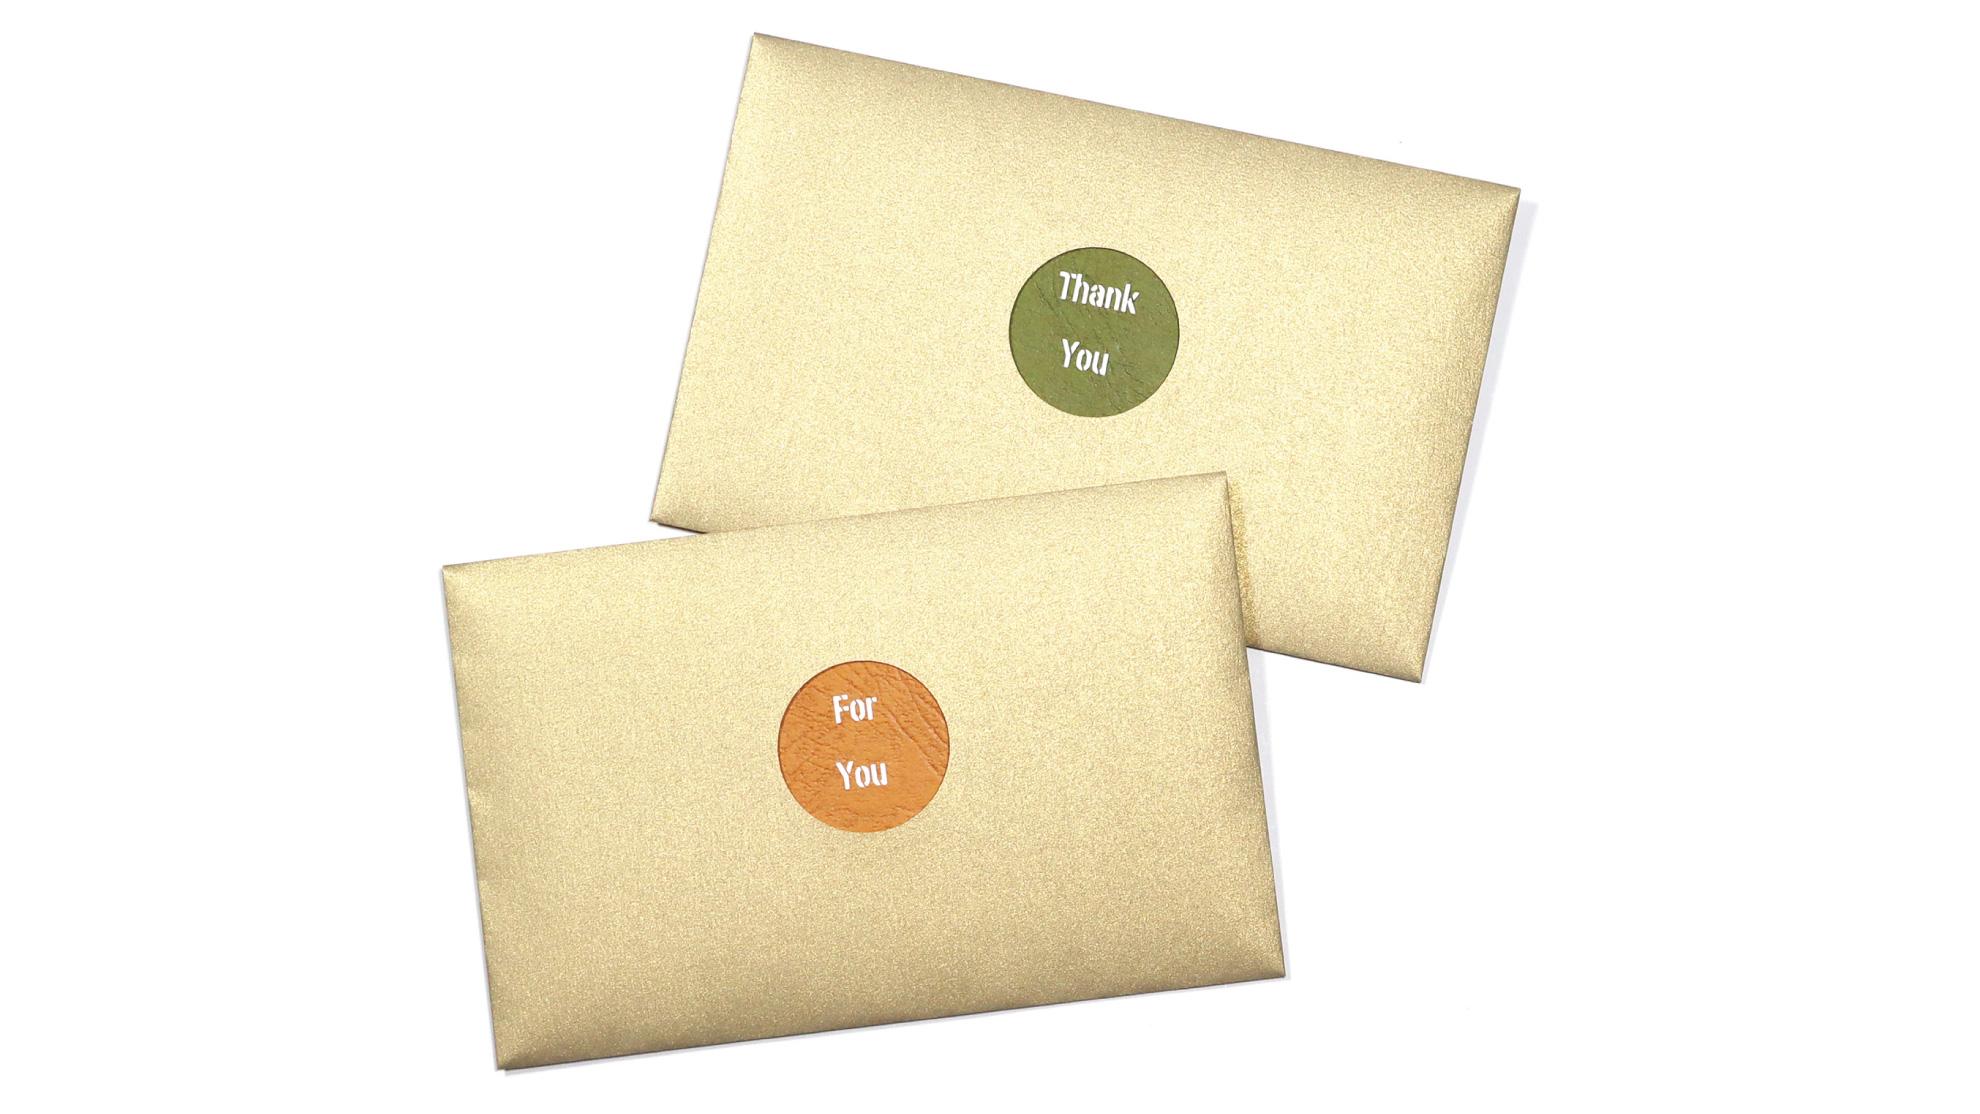 アートメッセージカードのアイキャッチ画像